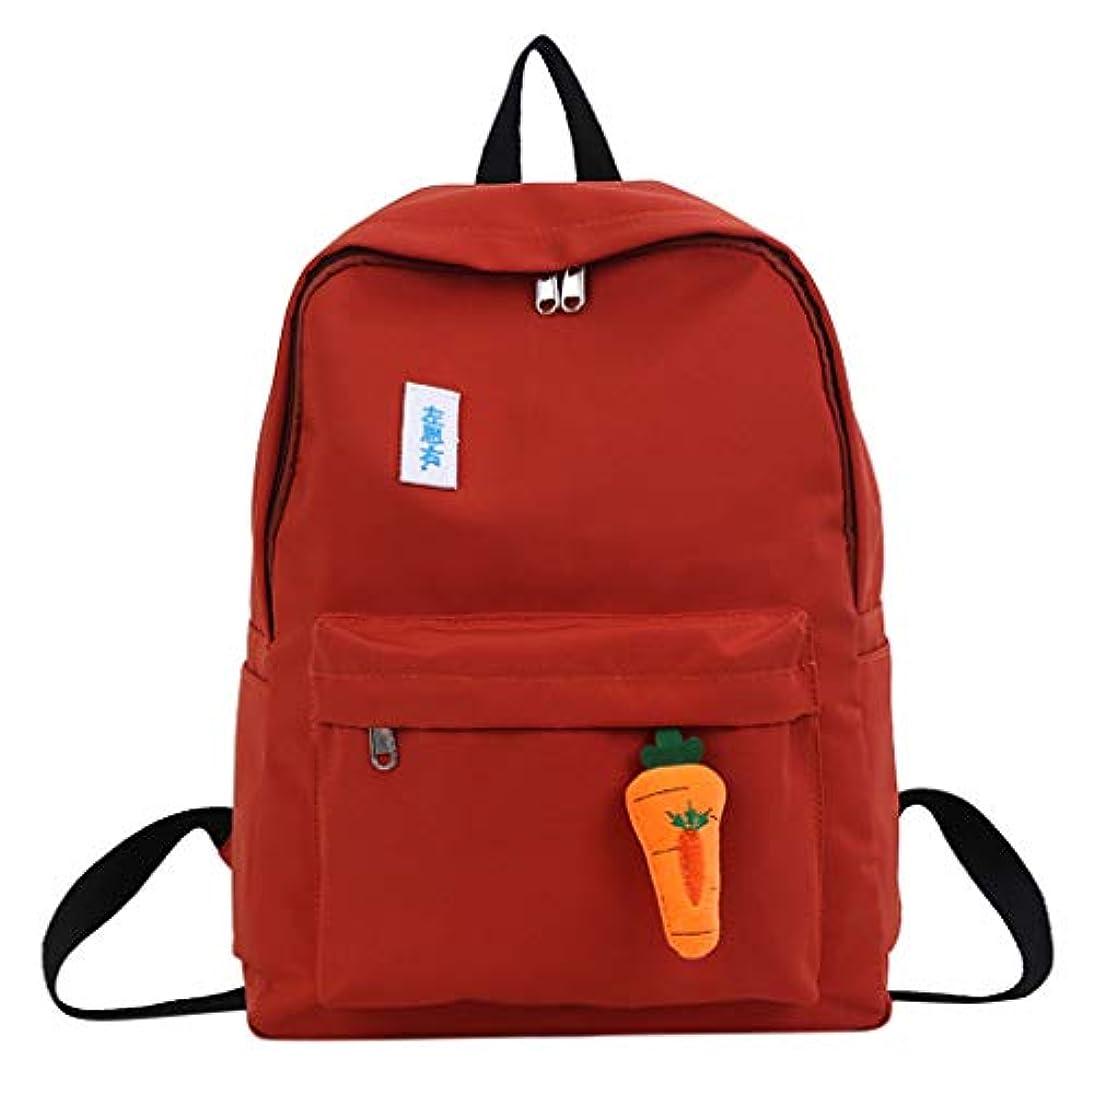 故意に不名誉投票女子学生カジュアルファッションシンプルなバックパック軽量キャンバスバックパックガールズ屋外大容量かわいいヴィンテージバッグ